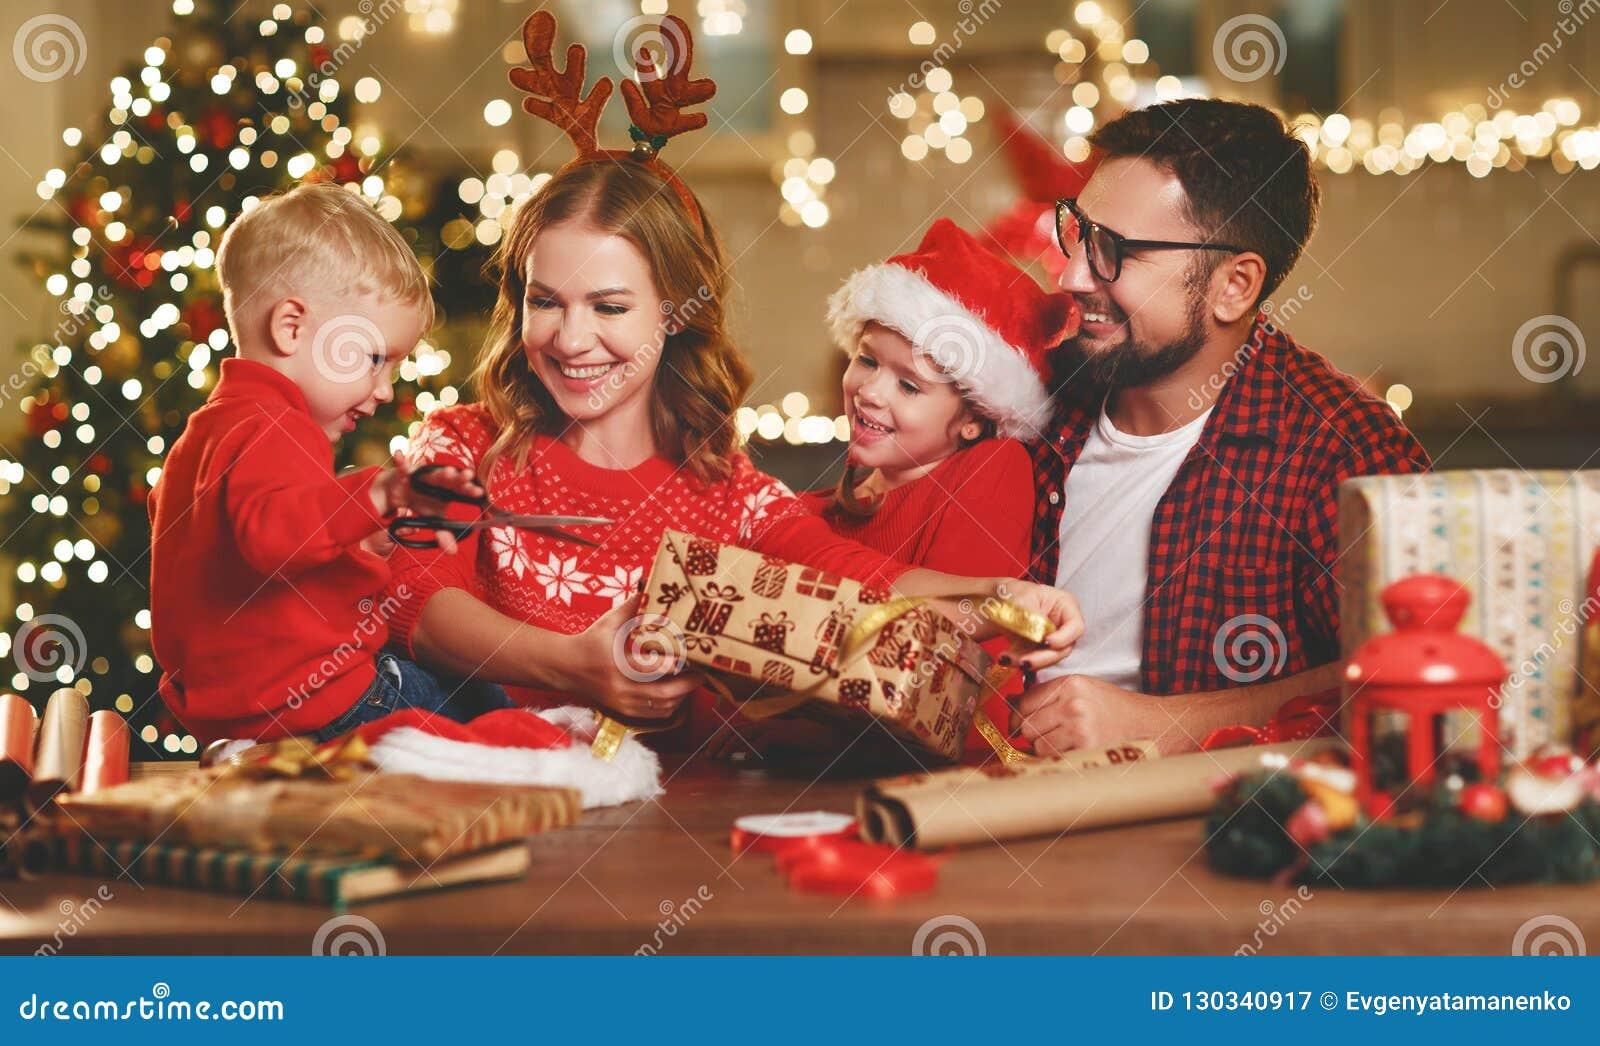 Regali Di Natale Famiglia.La Madre Il Padre Ed I Bambini Della Famiglia Di Y Imballano I